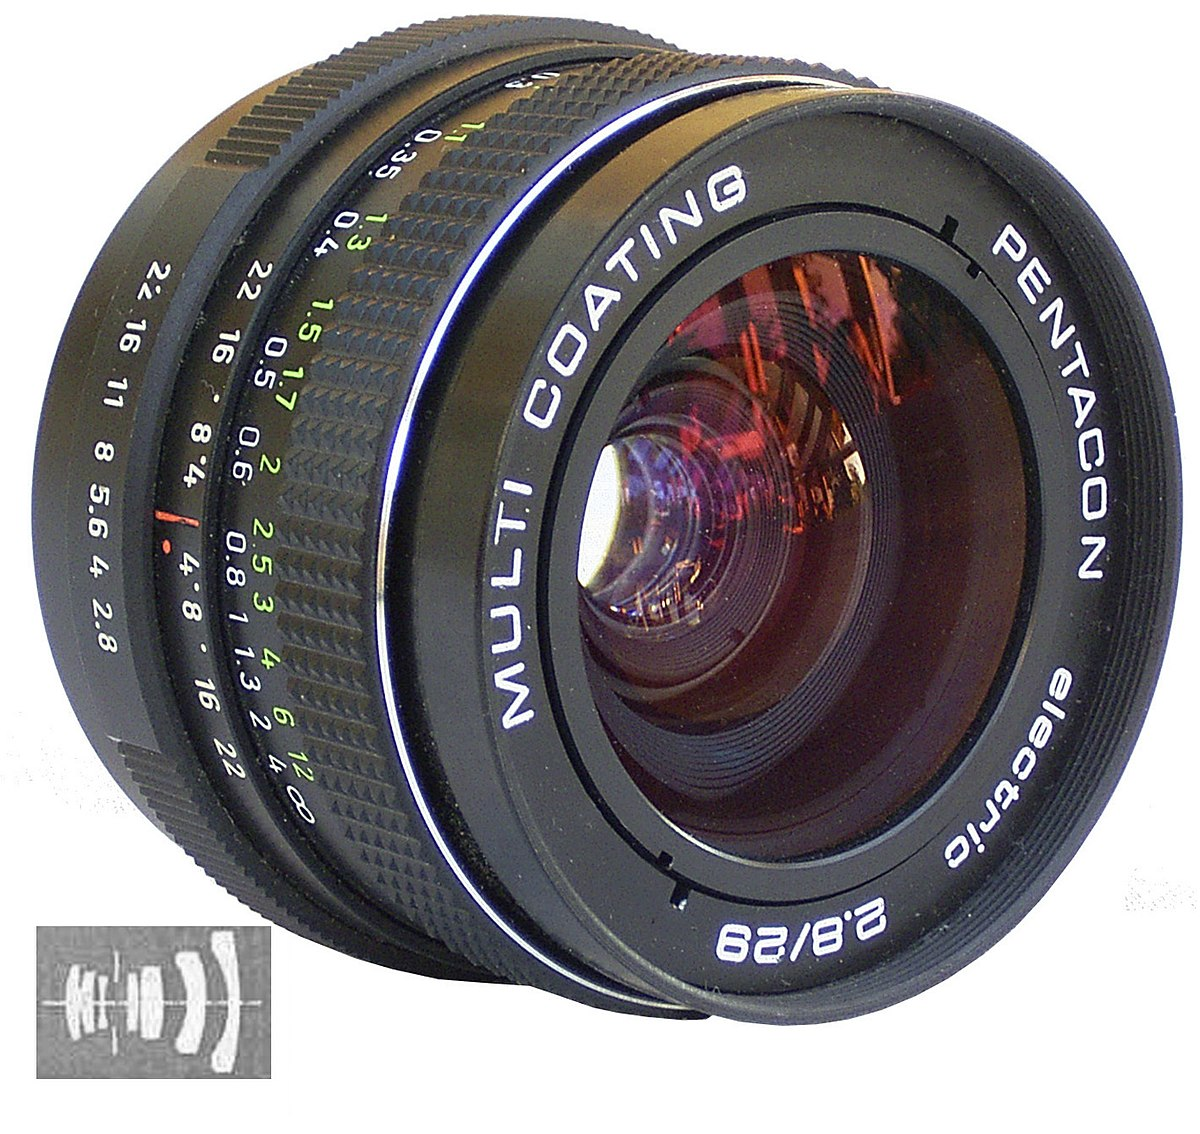 a557fa0ffaedf Prime lens - Wikipedia